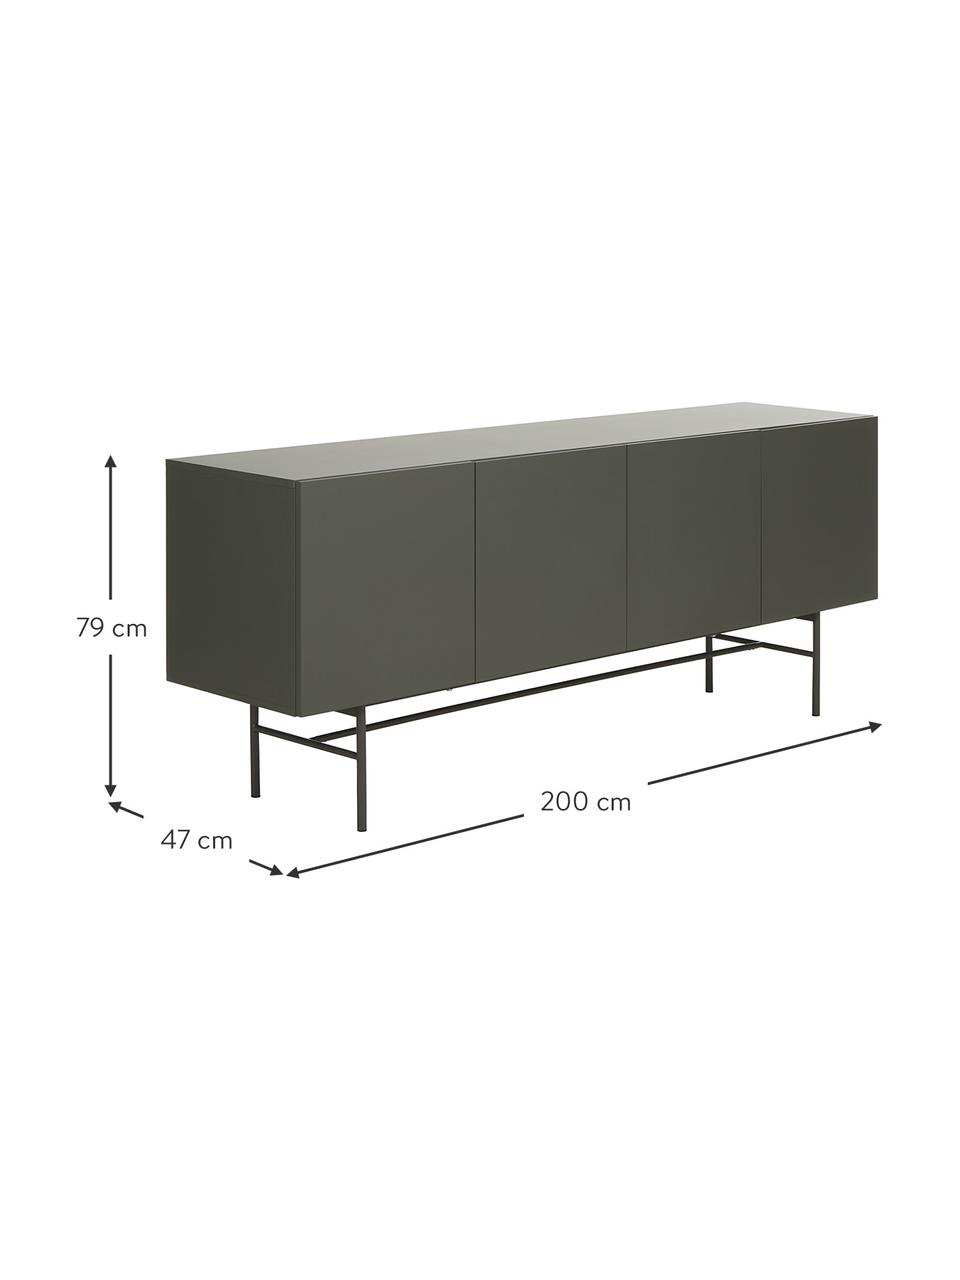 Modernes Sideboard Anders mit 4 Türen in Grau, Korpus: Mitteldichte Holzfaserpla, Füße: Metall, pulverbeschichtet, Grau, 200 x 79 cm